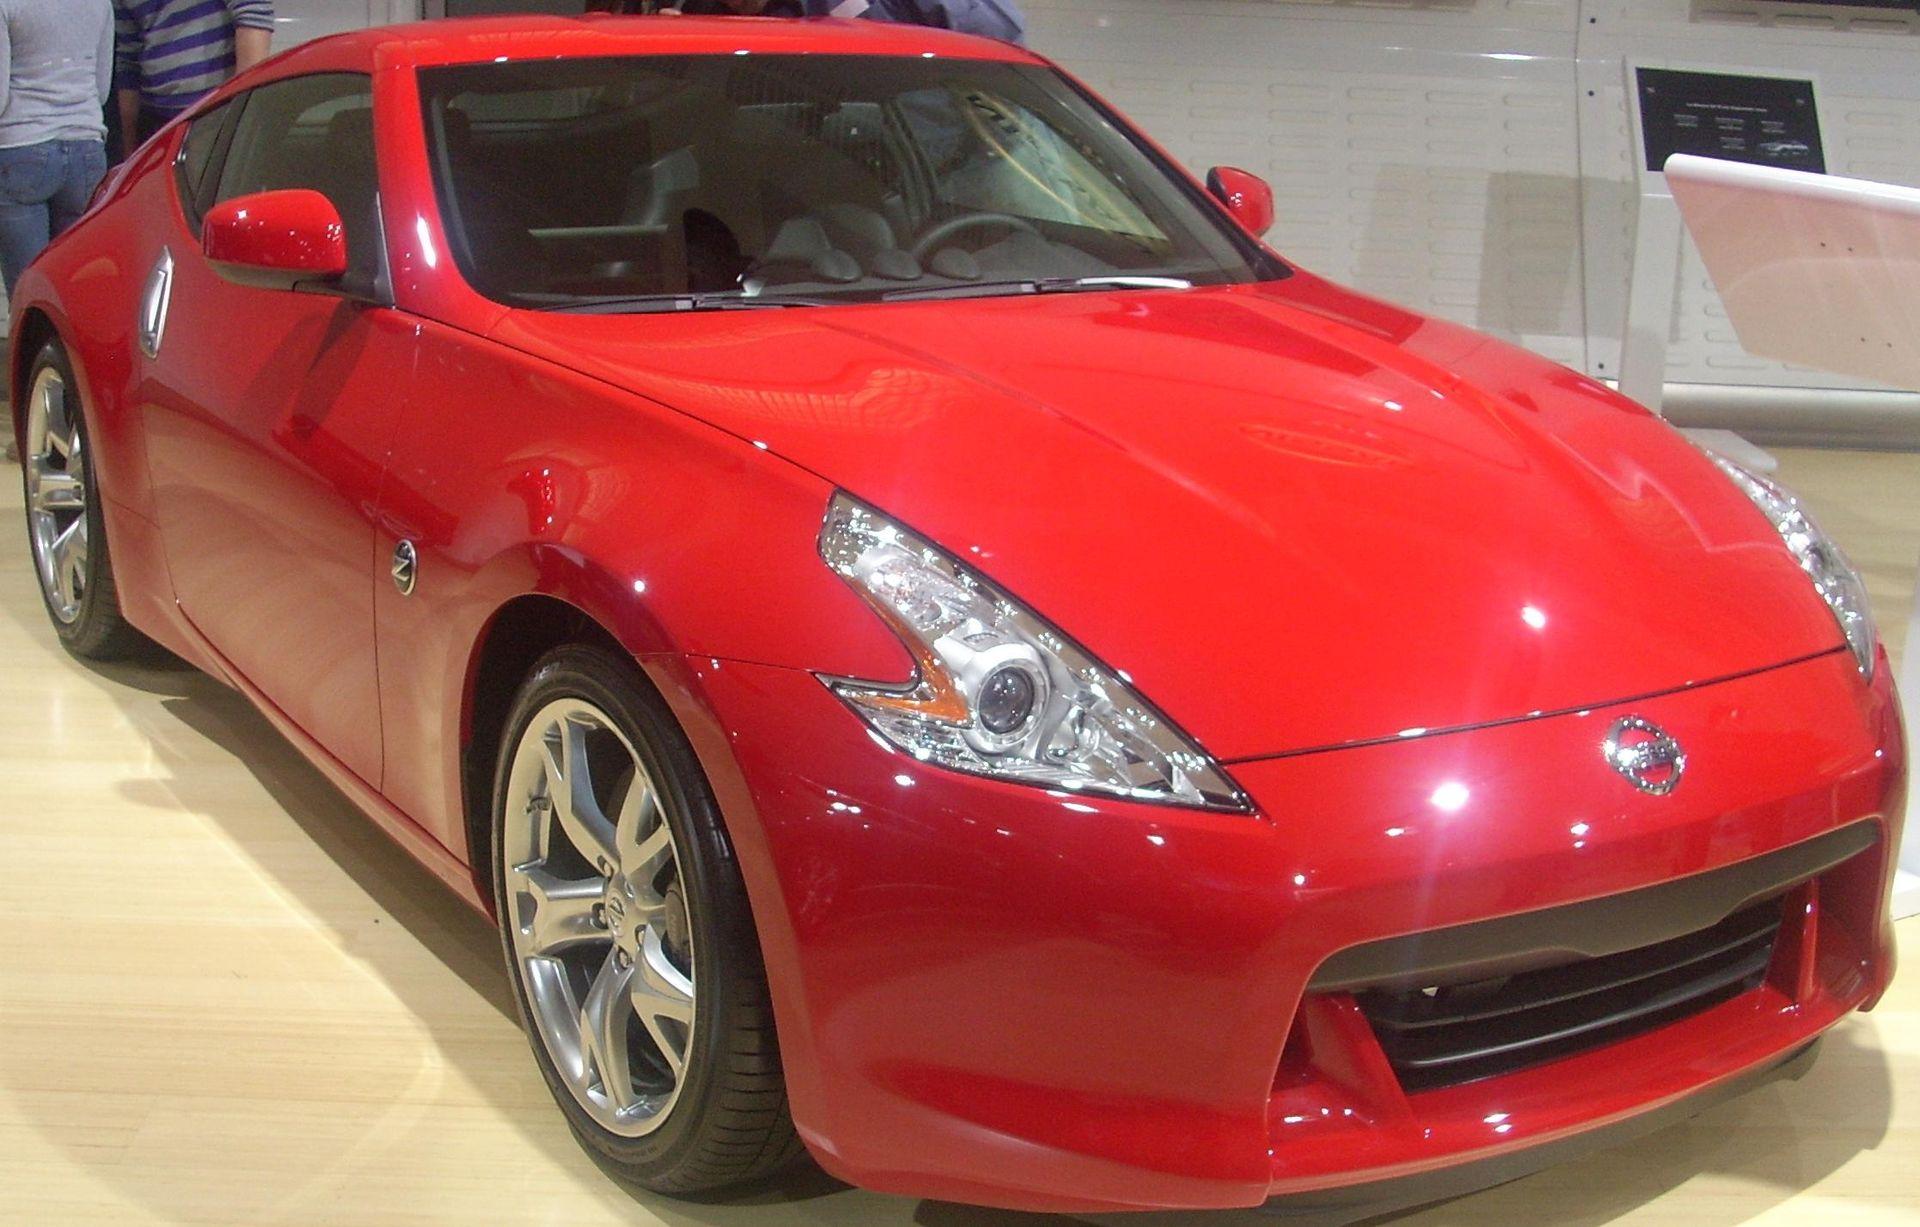 Nissan Z-car - Wikipedia